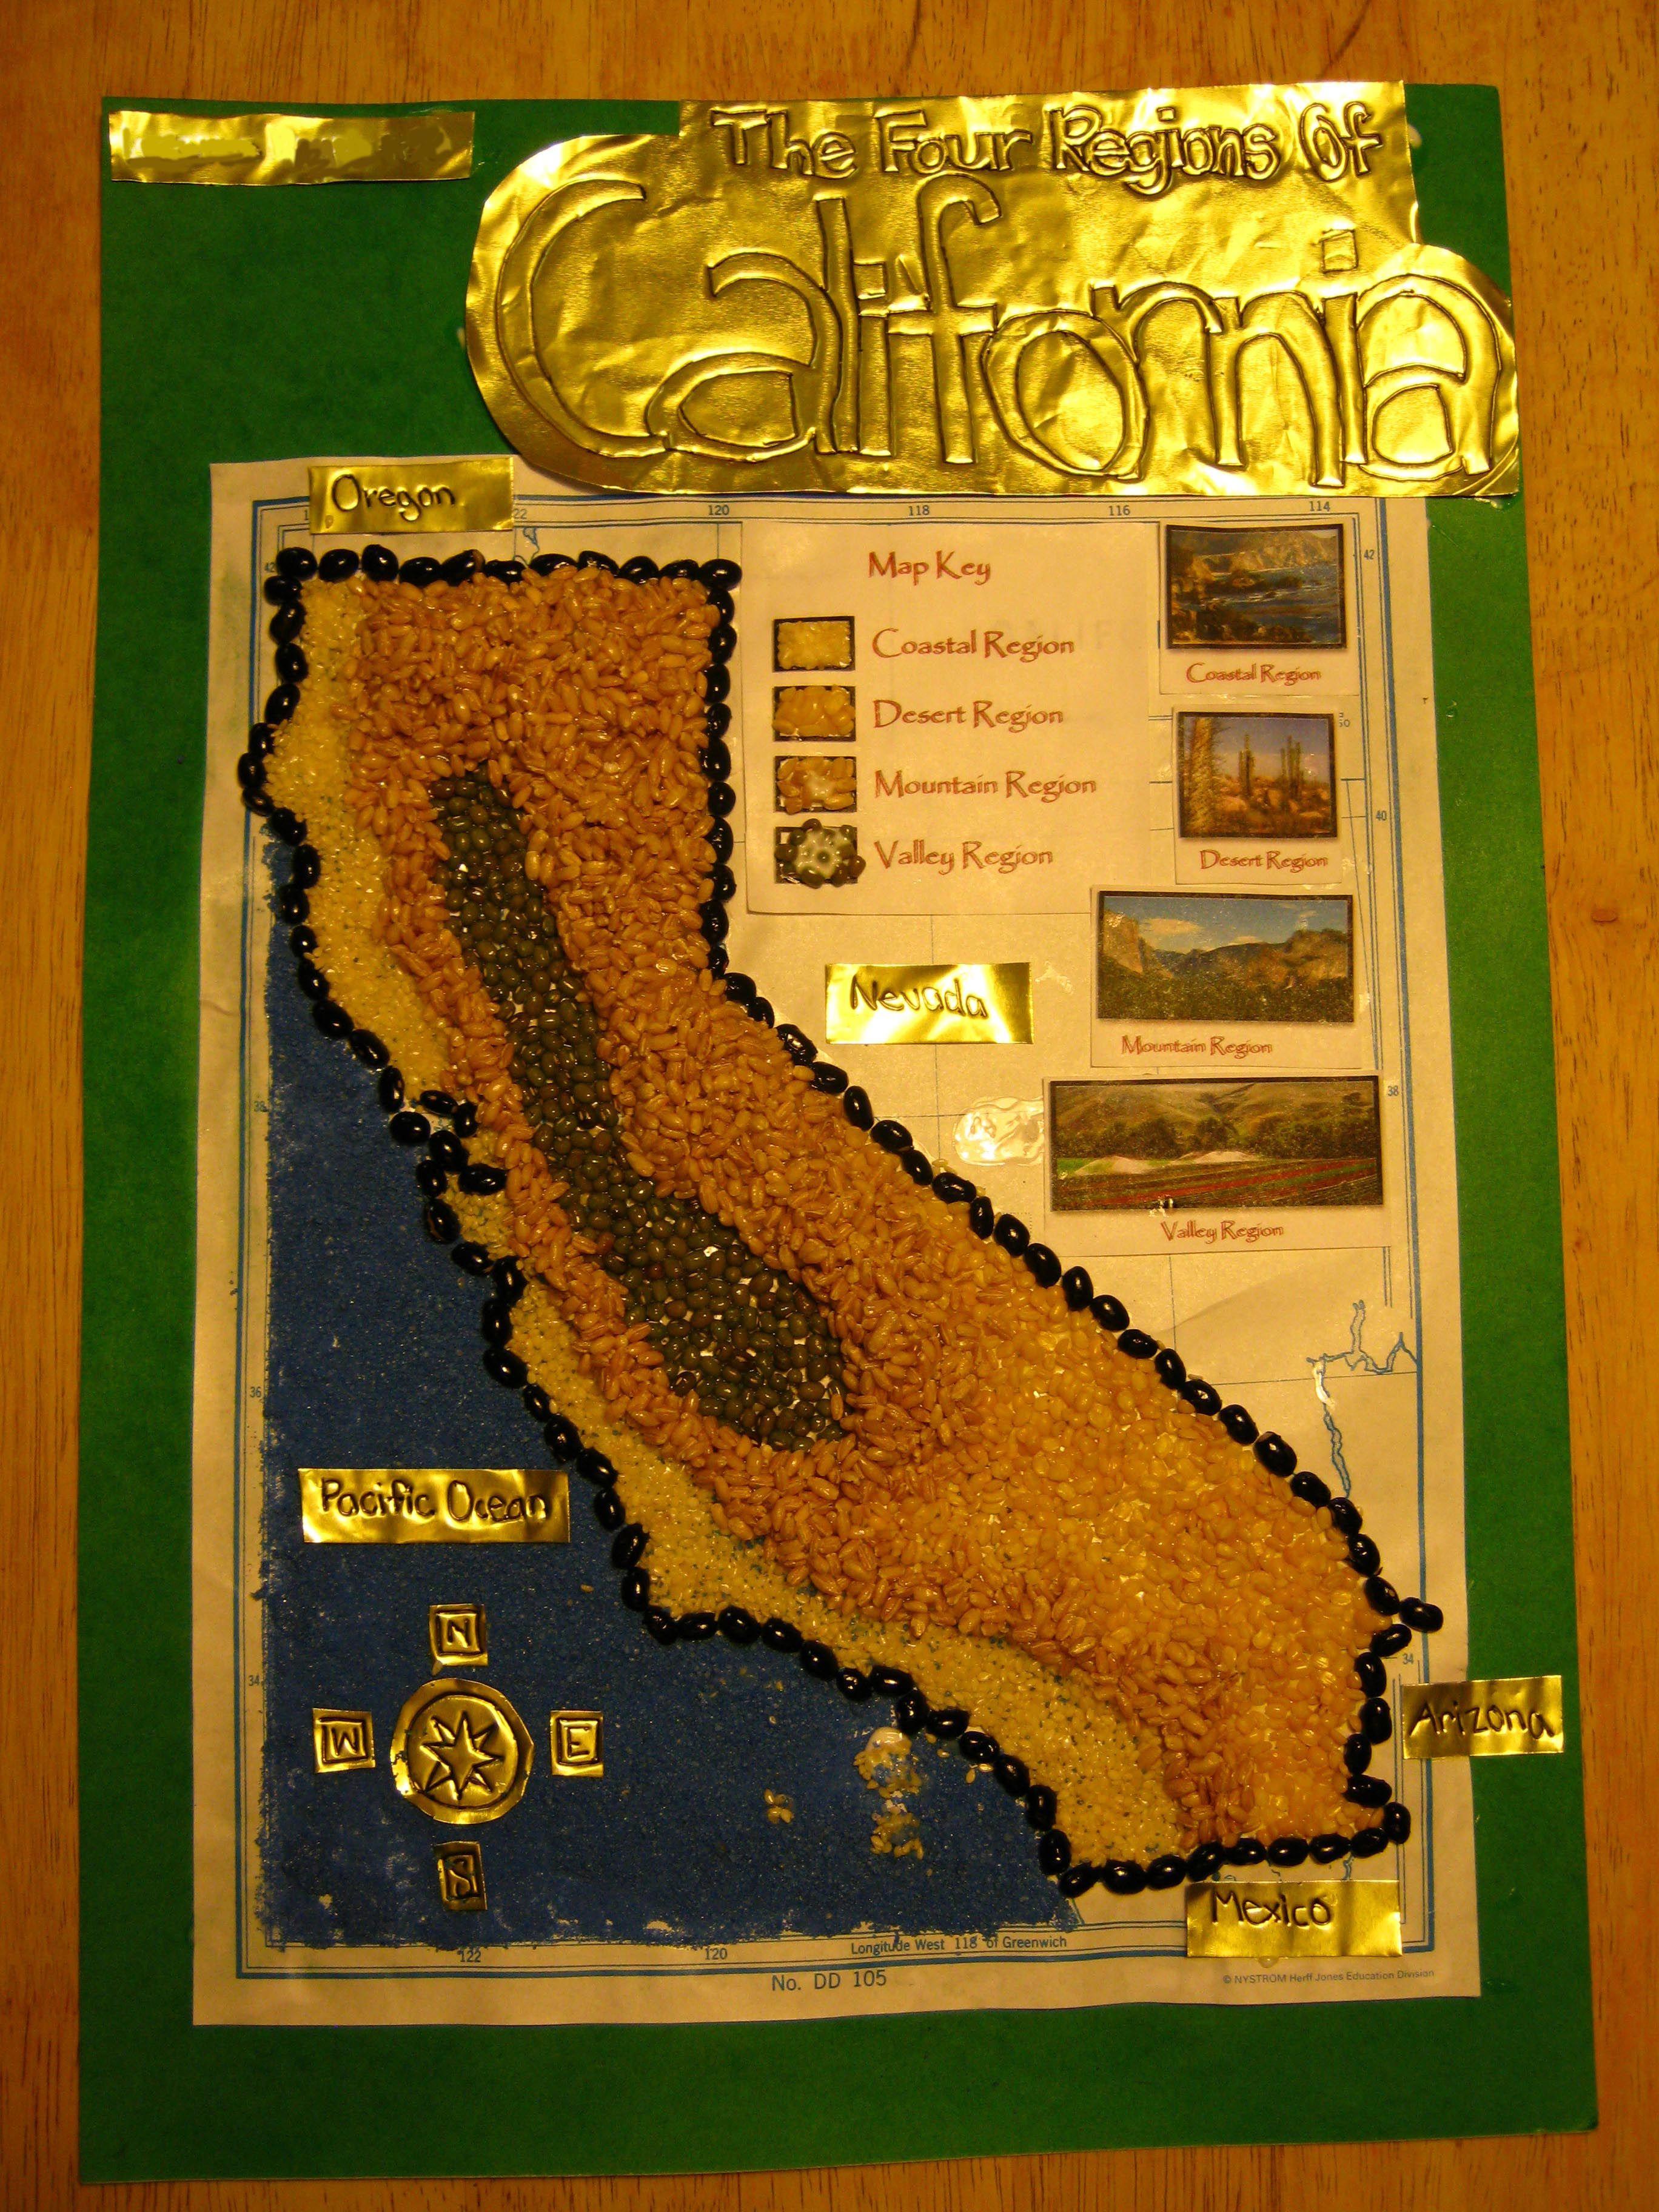 Californiaregions 2 736 3 648 Pixels